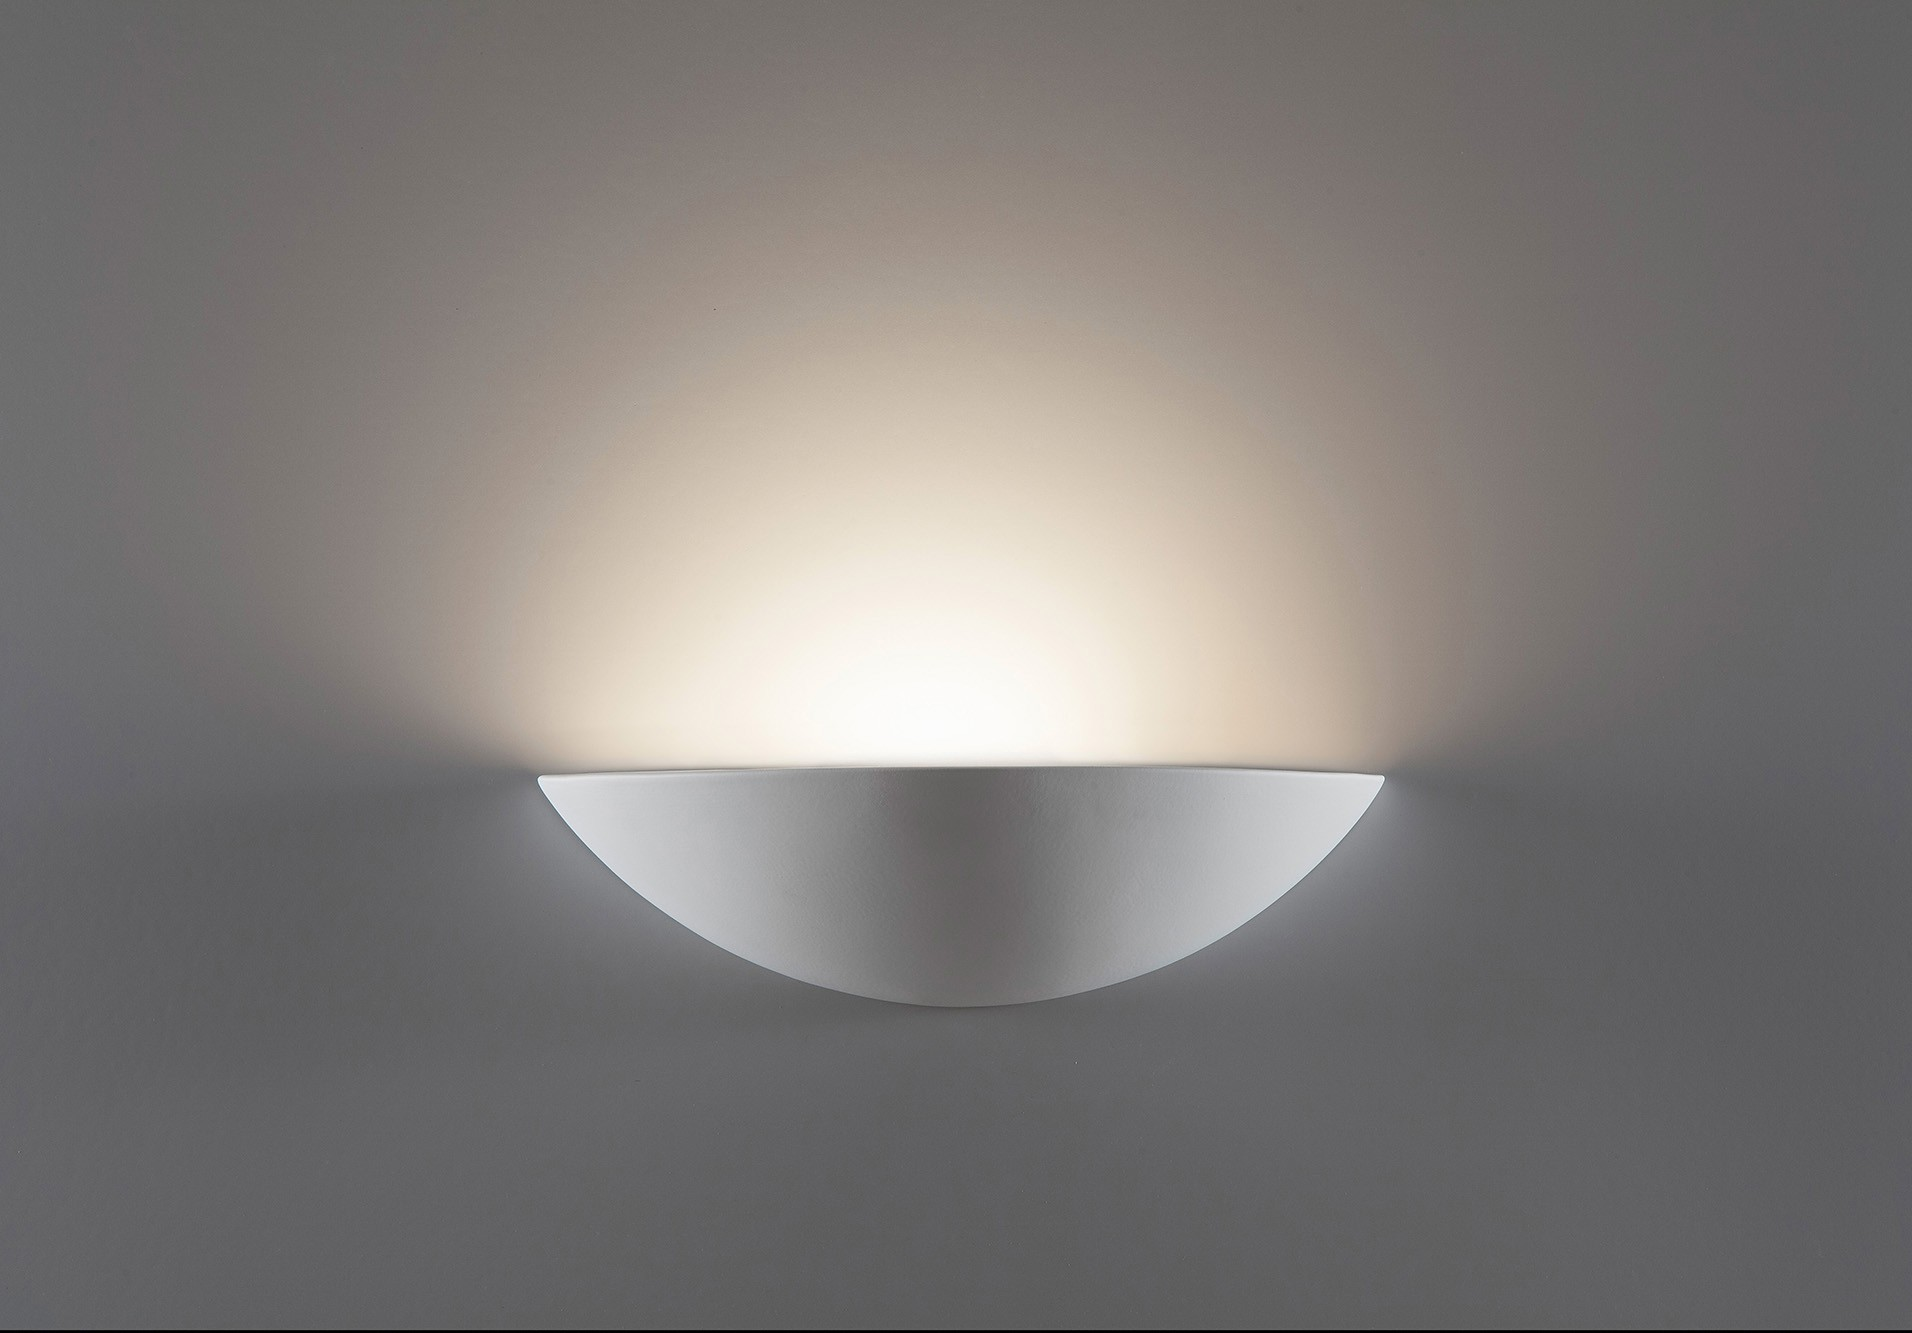 Applique in gesso belfiore c lampada da soffitto cristaly di